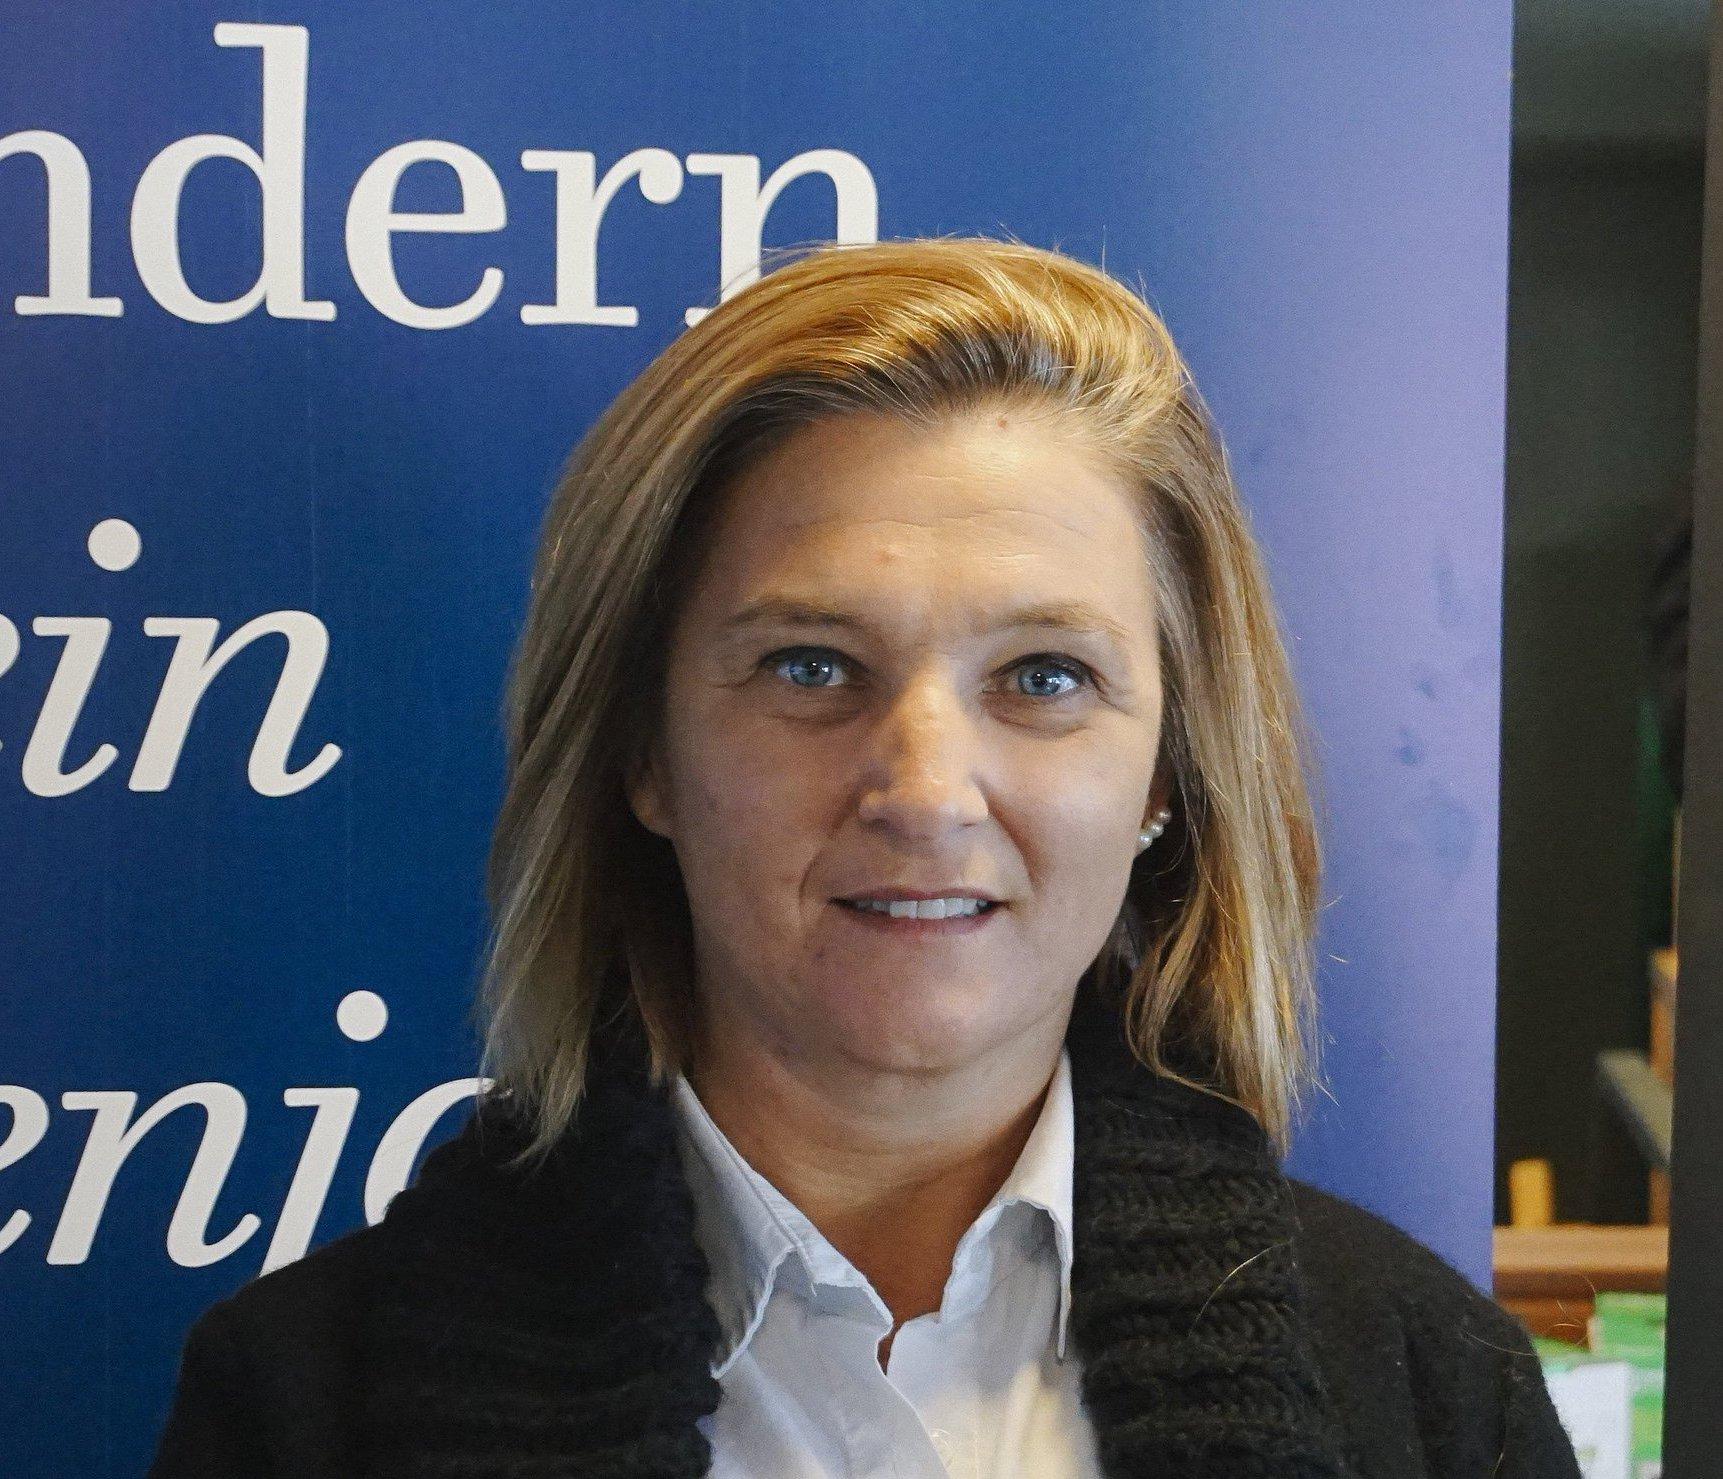 Marina Varvesi, Agenzia per l'Innovazione, lo Sviluppo e la Formazione